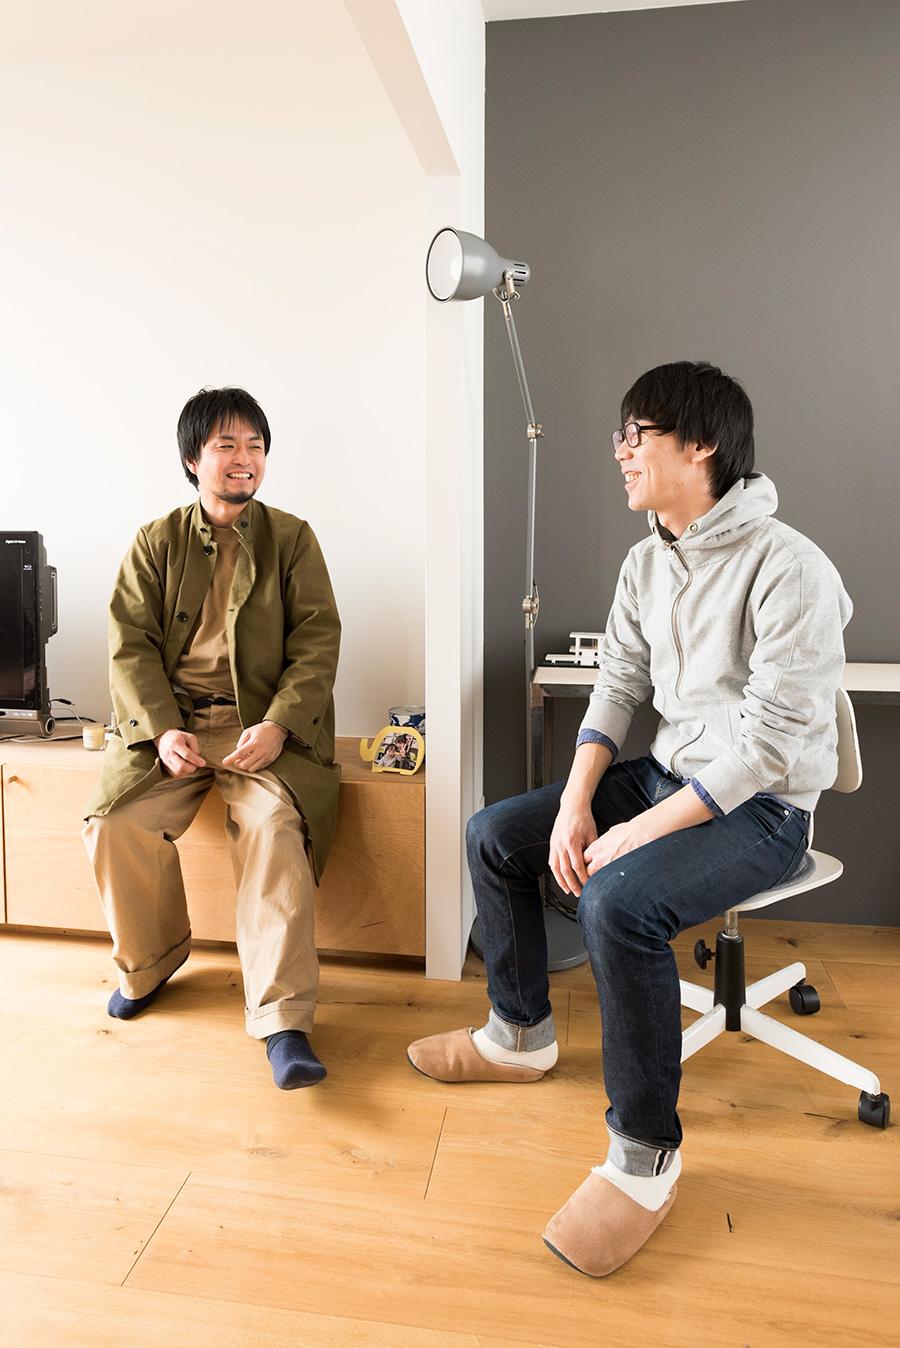 studio PEACE sign、HandiHouse projectを運営する加藤渓一さんと、辻孝祐さん。施工の過程をともに過ごした。